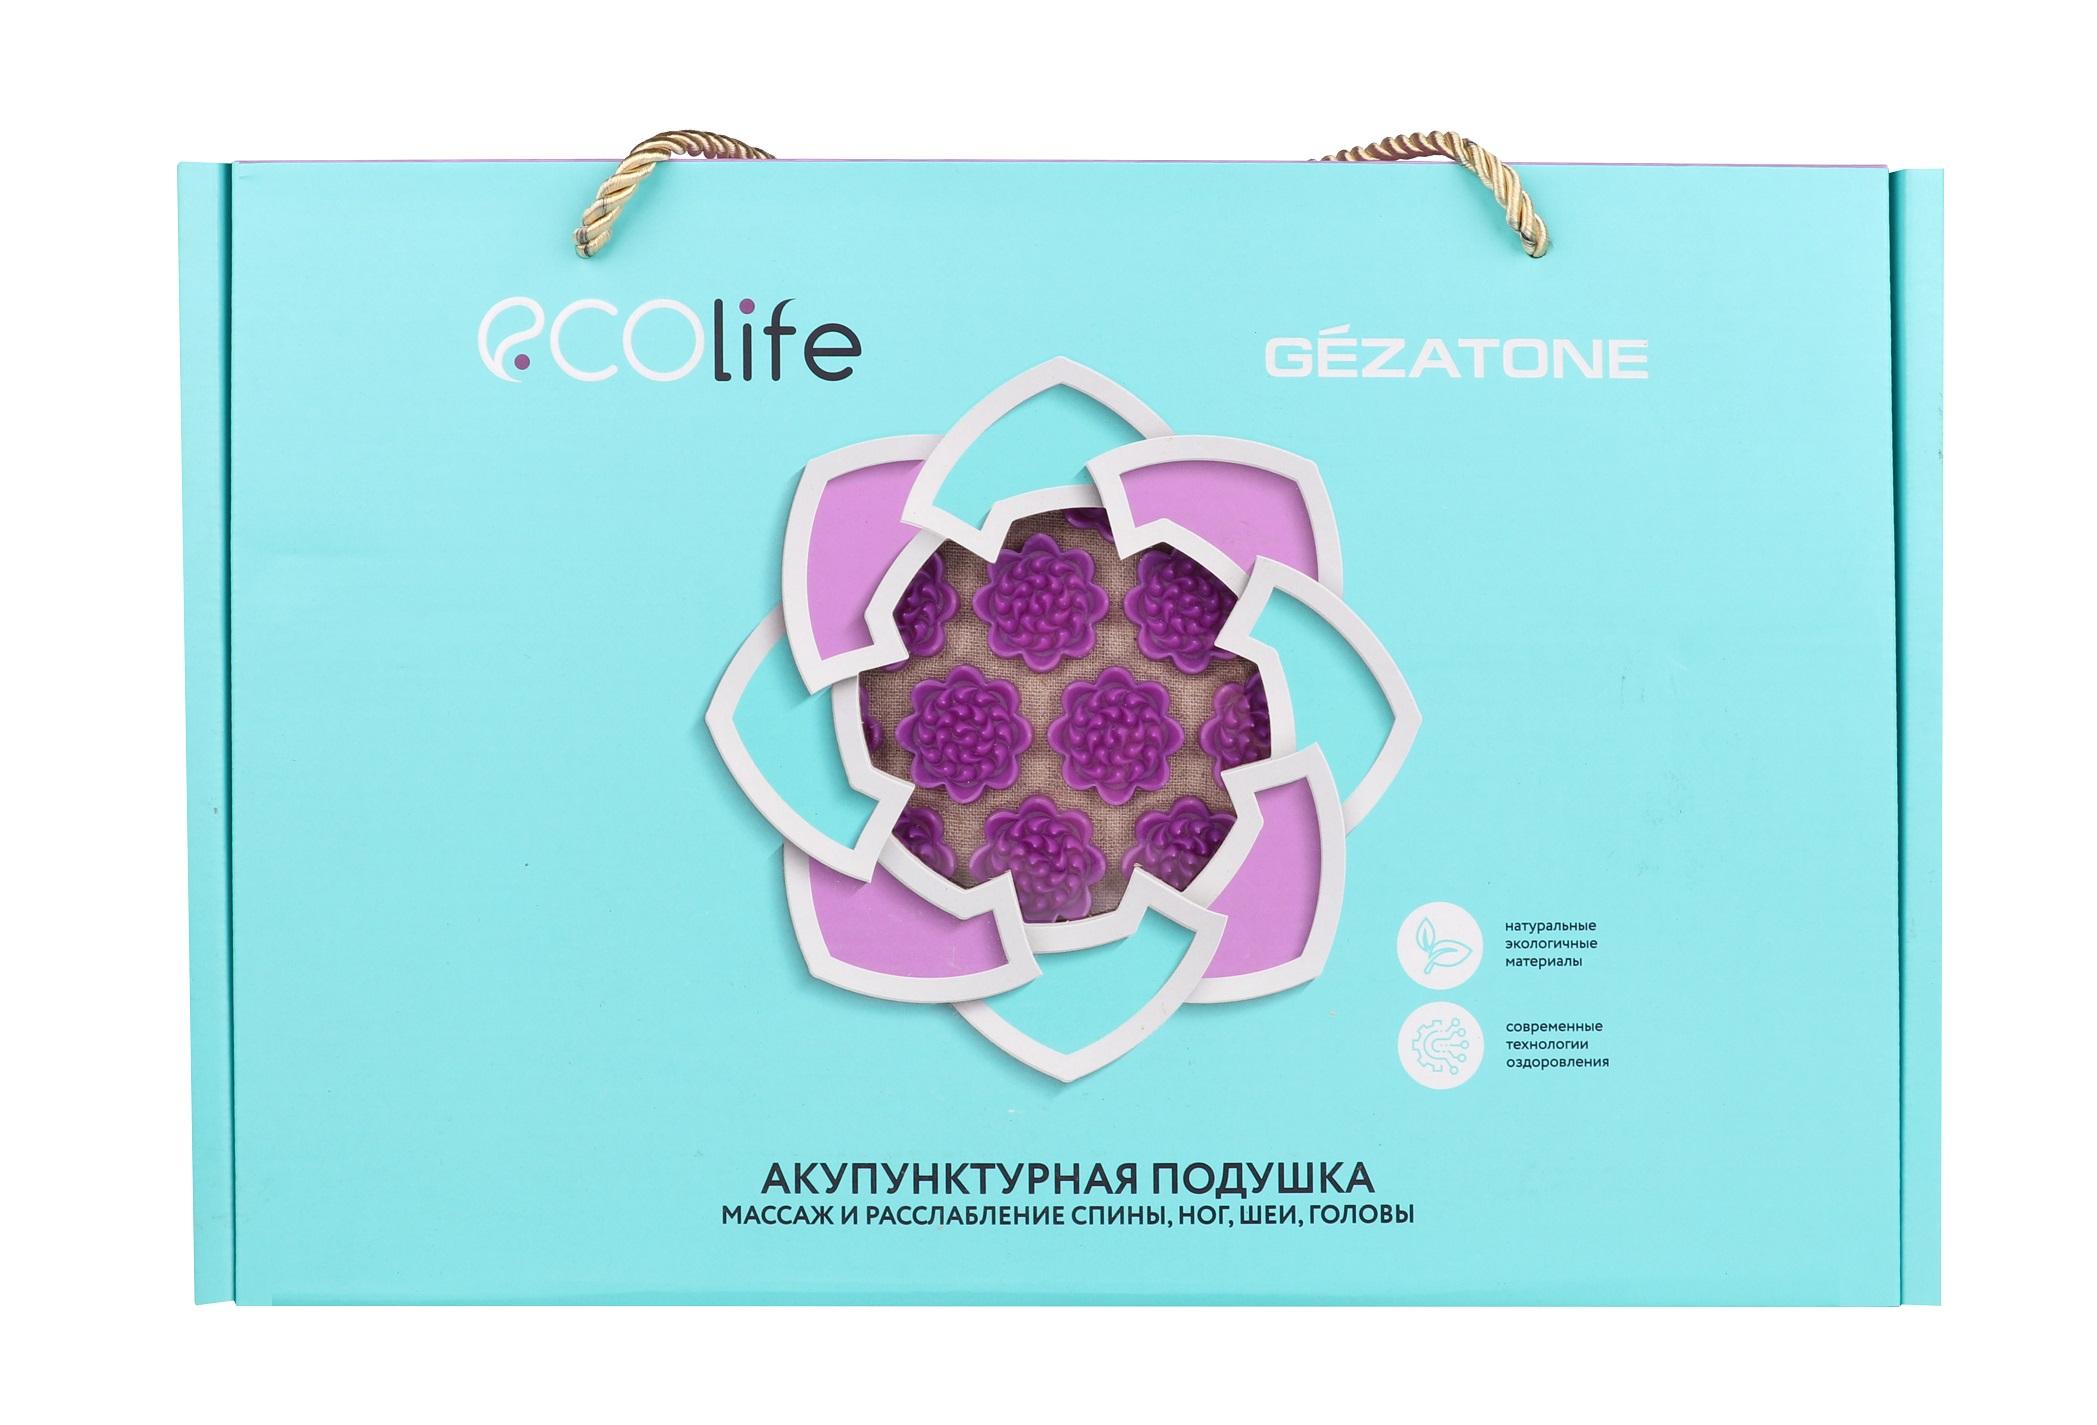 Купить GEZATONE Подушка массажная акупунктурная, фиолетовая EcoLife Gezatone 45 х 34 см